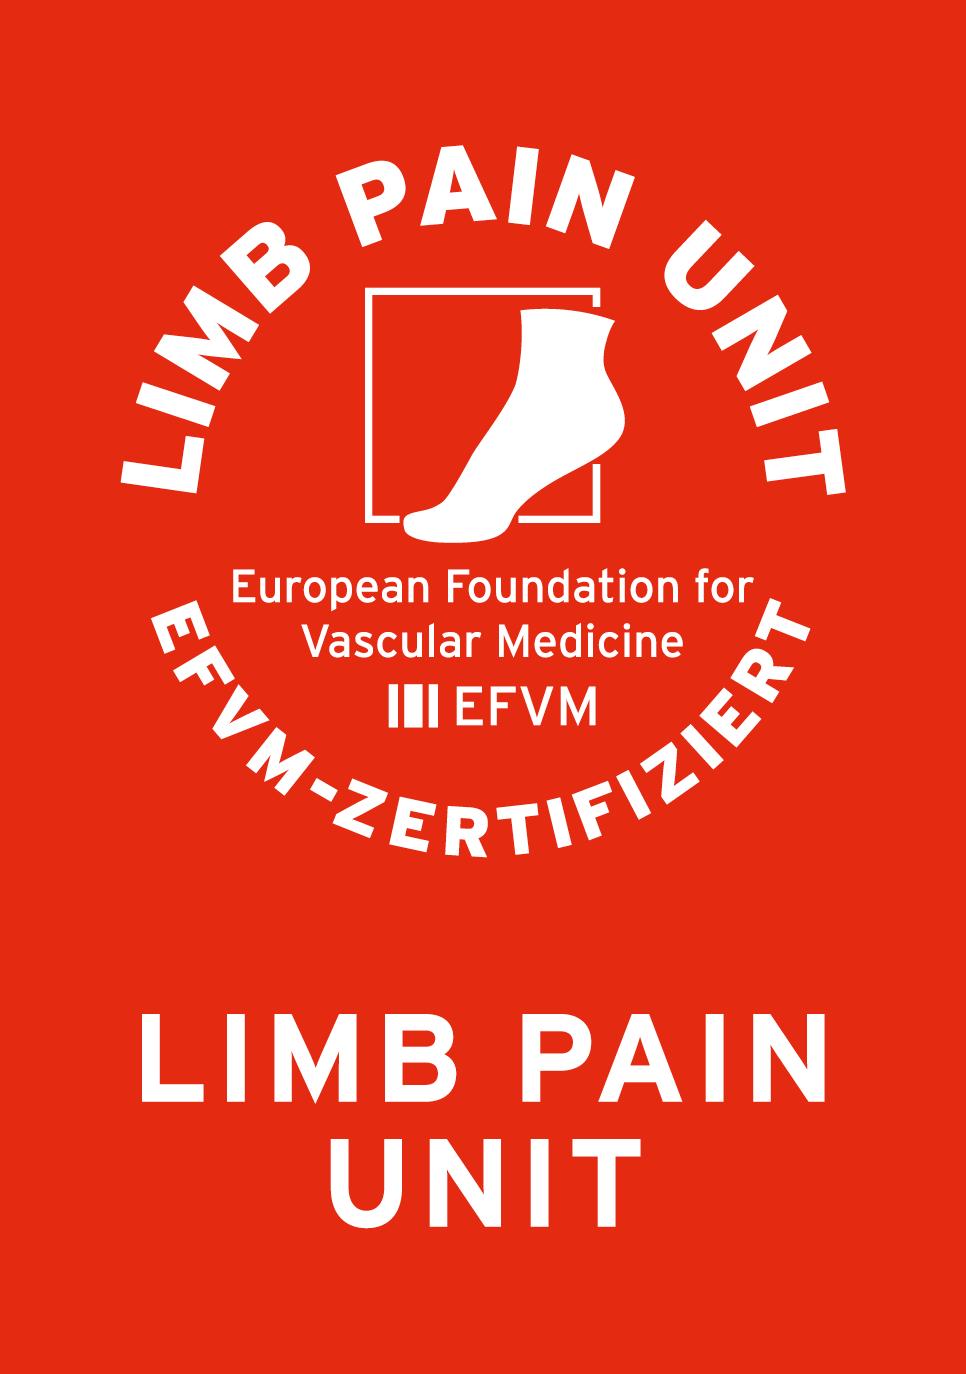 LIMB PAIN UNIT EFVM Programm zur Etablierung von Beinschmerzambulanzen in enger Kooperation mit Kardiologen, Gefäßchirurgen, Angiologen